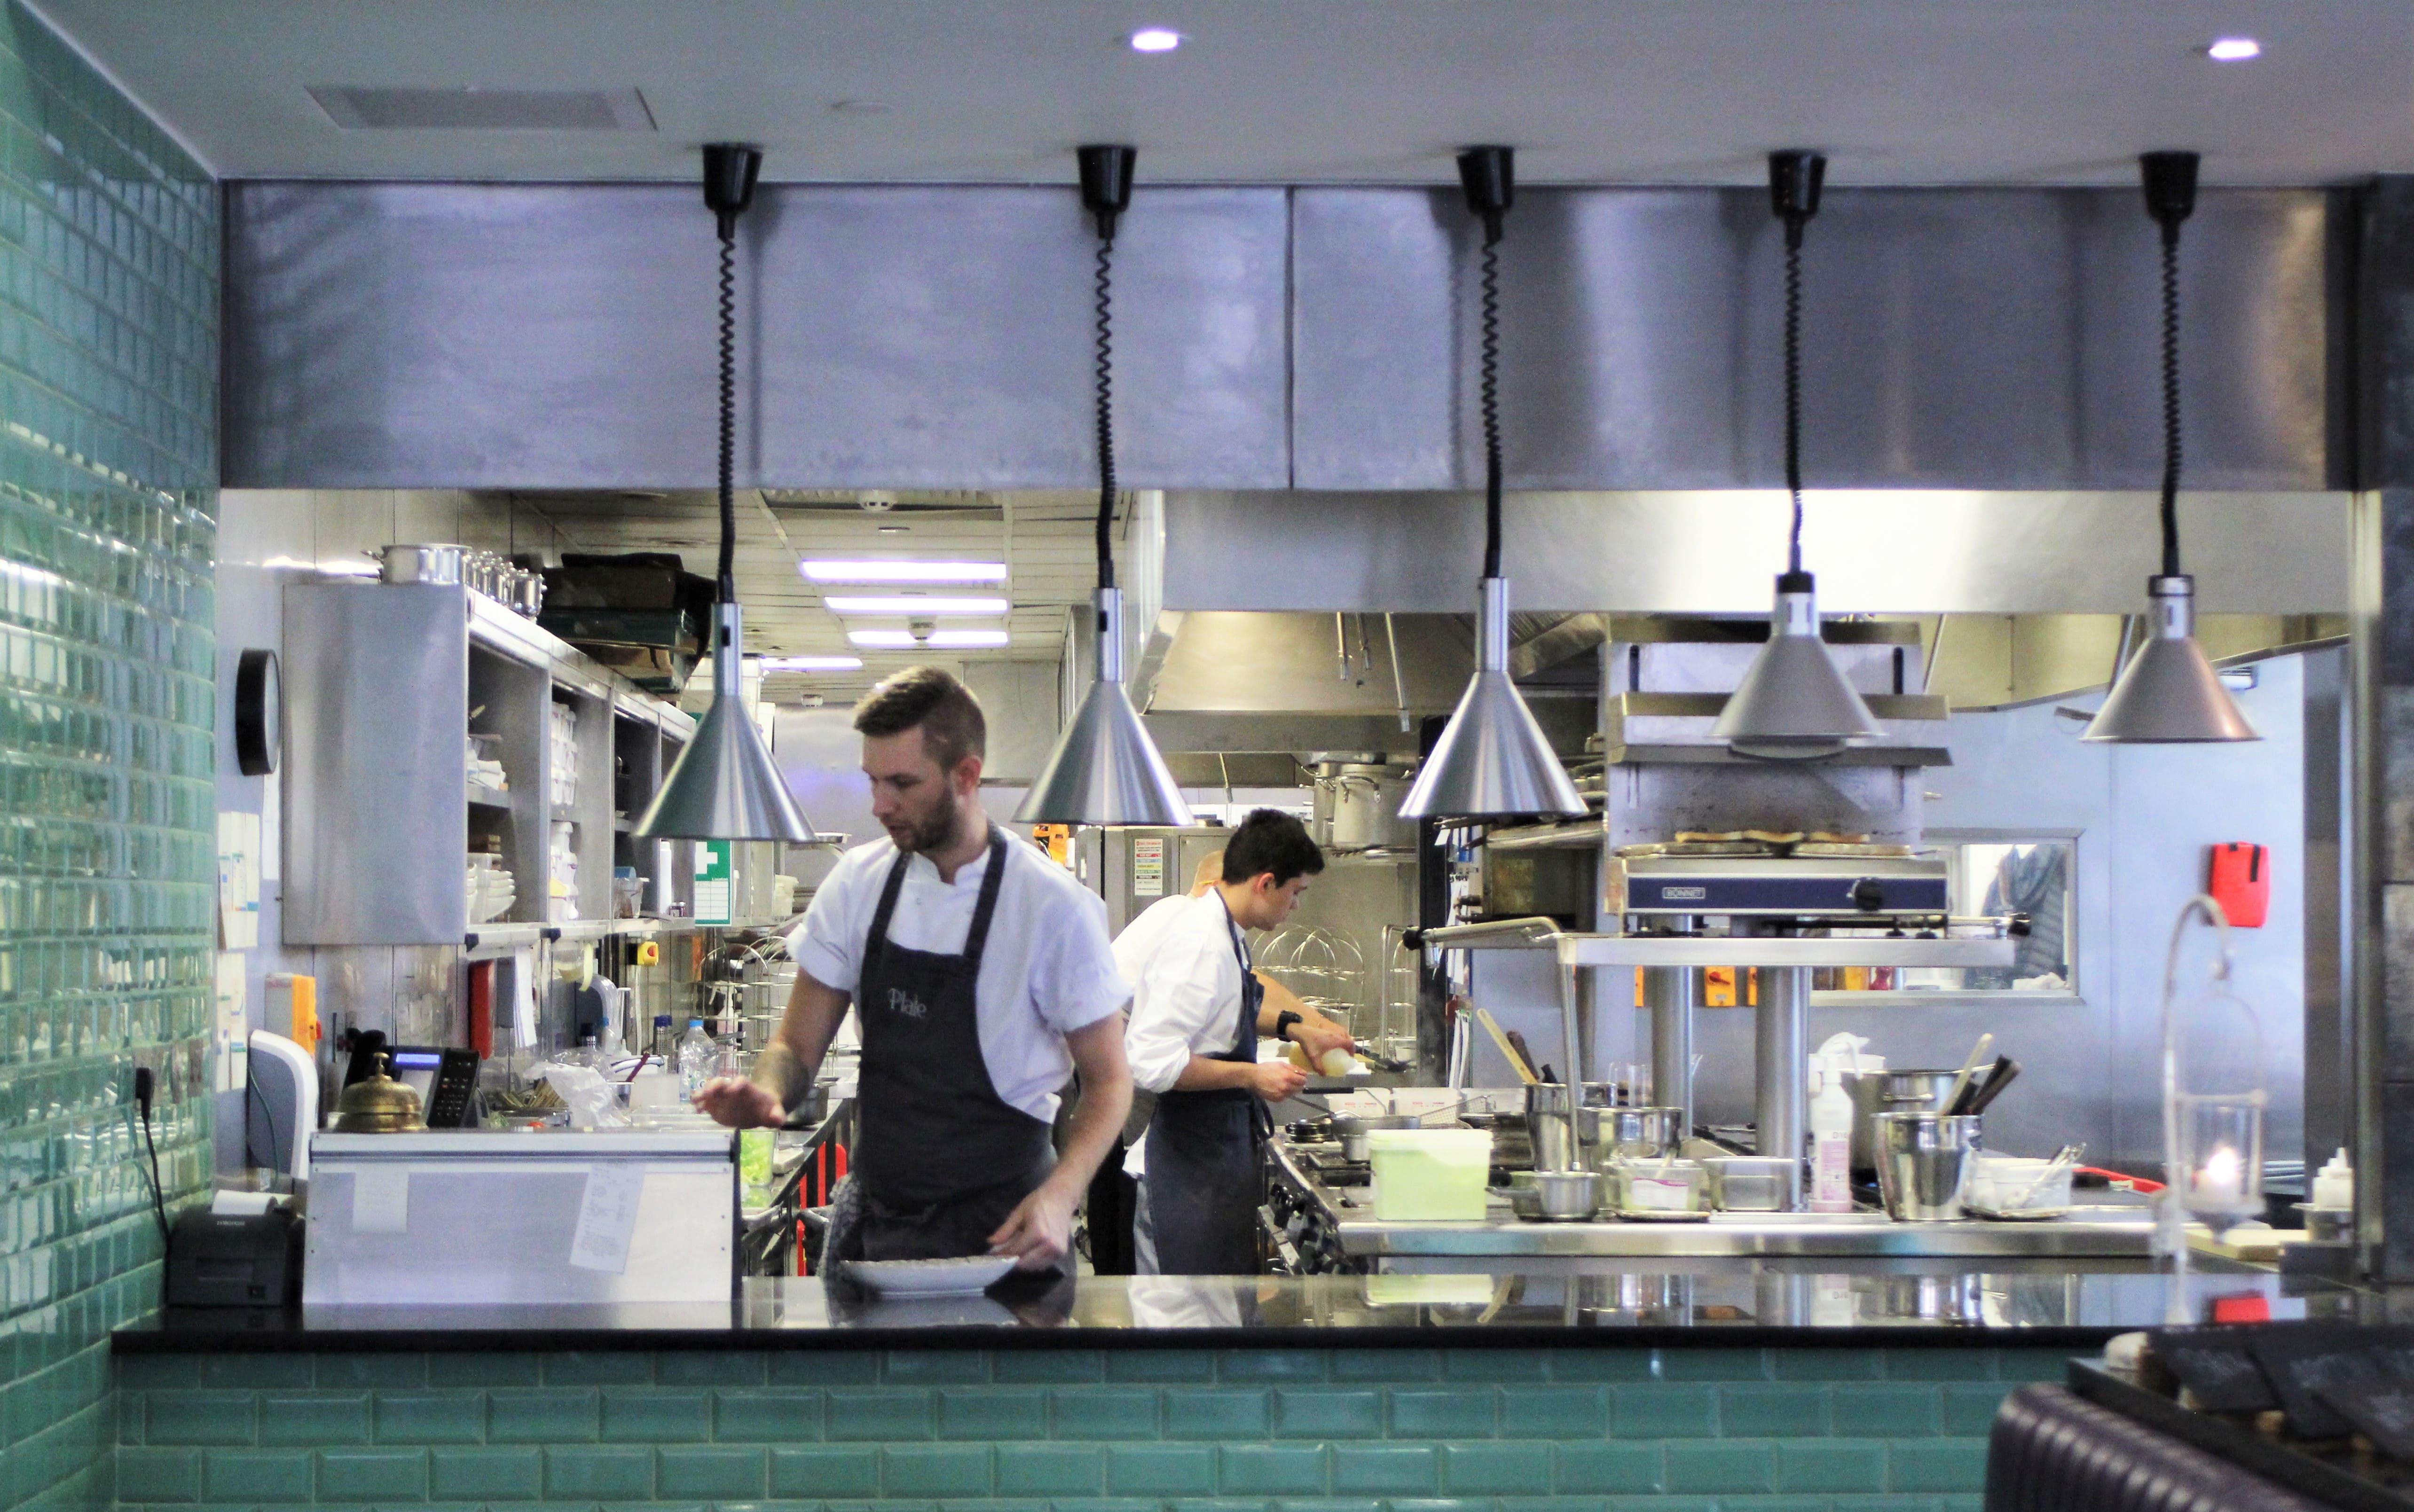 Plate Bake kitchen